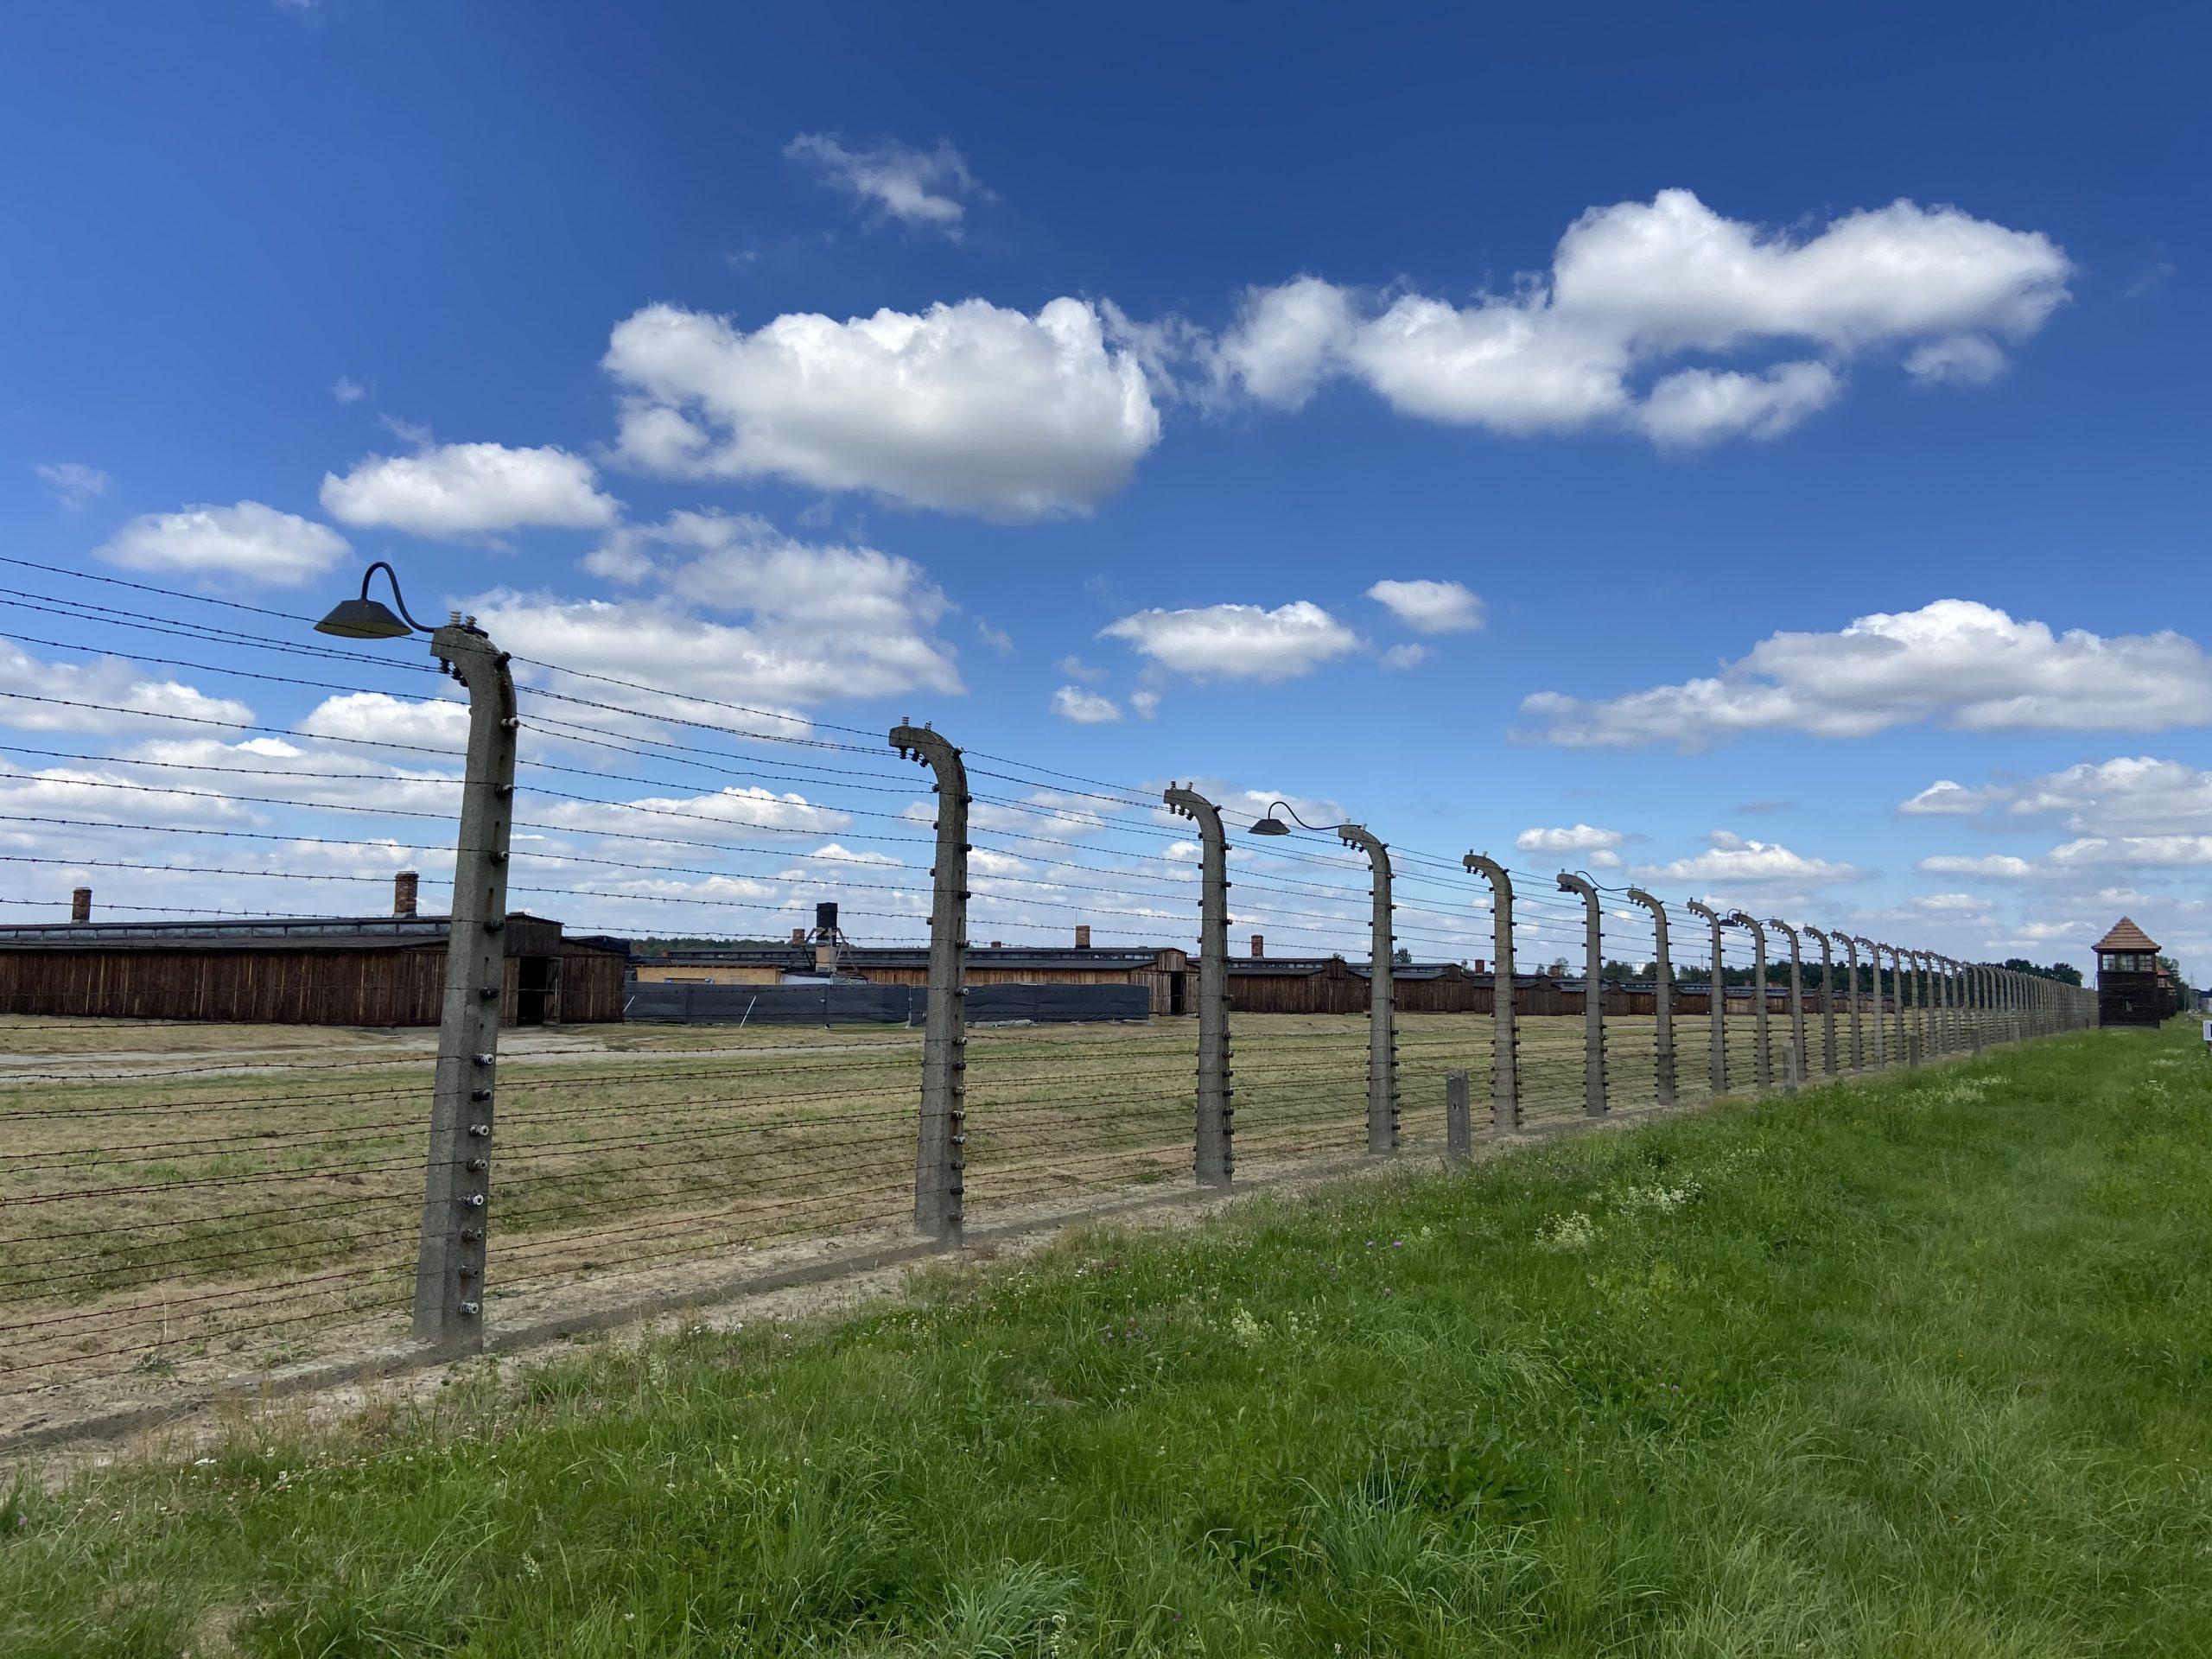 Ehemaliges deutsches Vernichtungslager Auschwitz-Birkenau